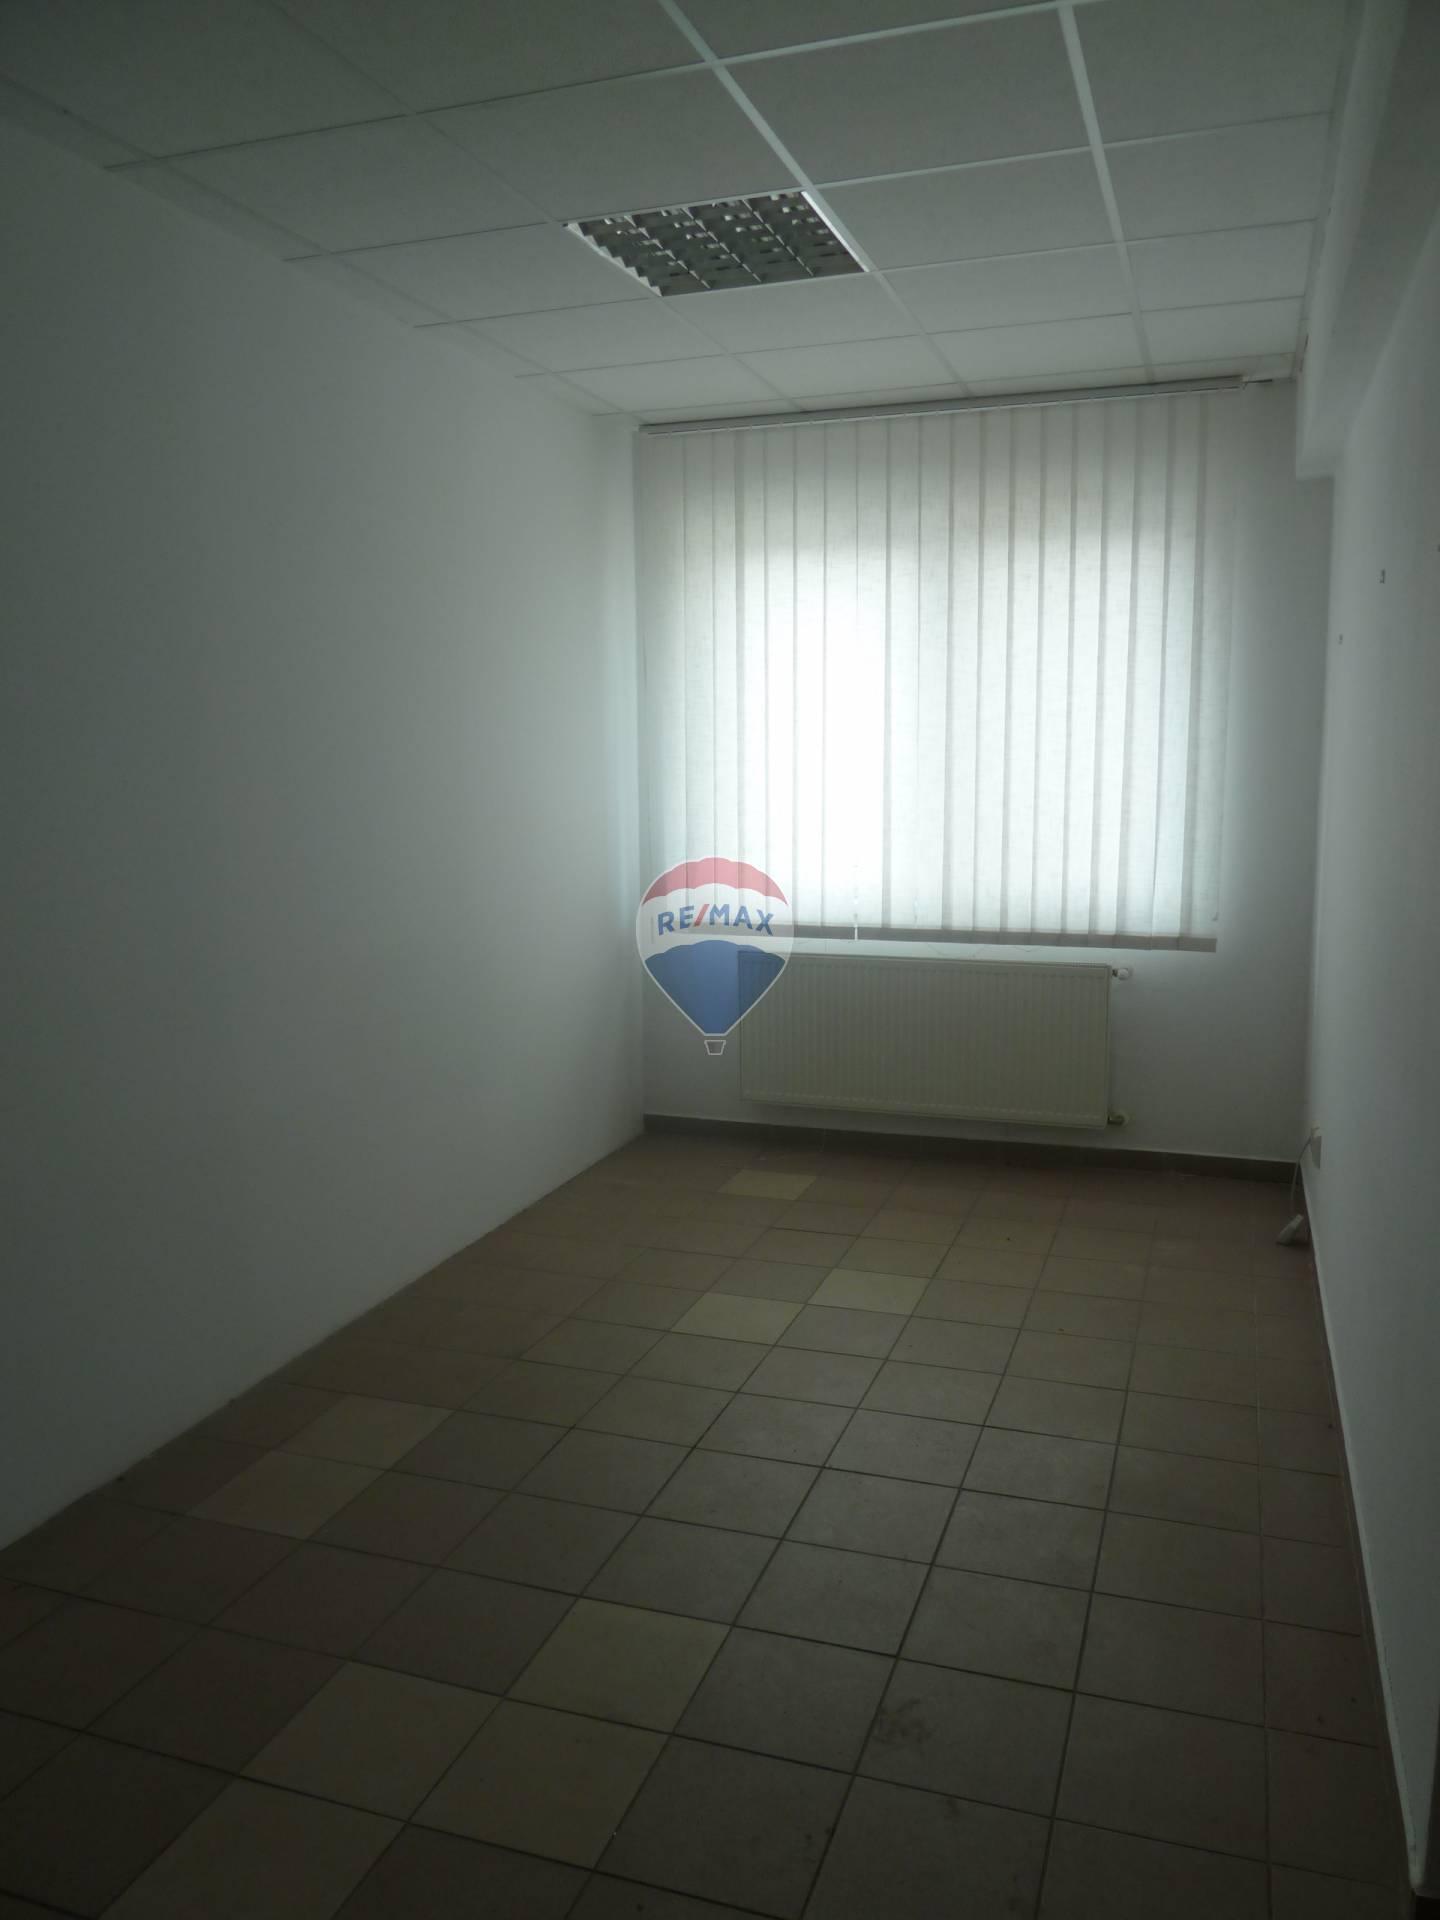 Prenájom klimatizovaného kancelárskeho priestoru  centrum Bánovce nad Bebravou